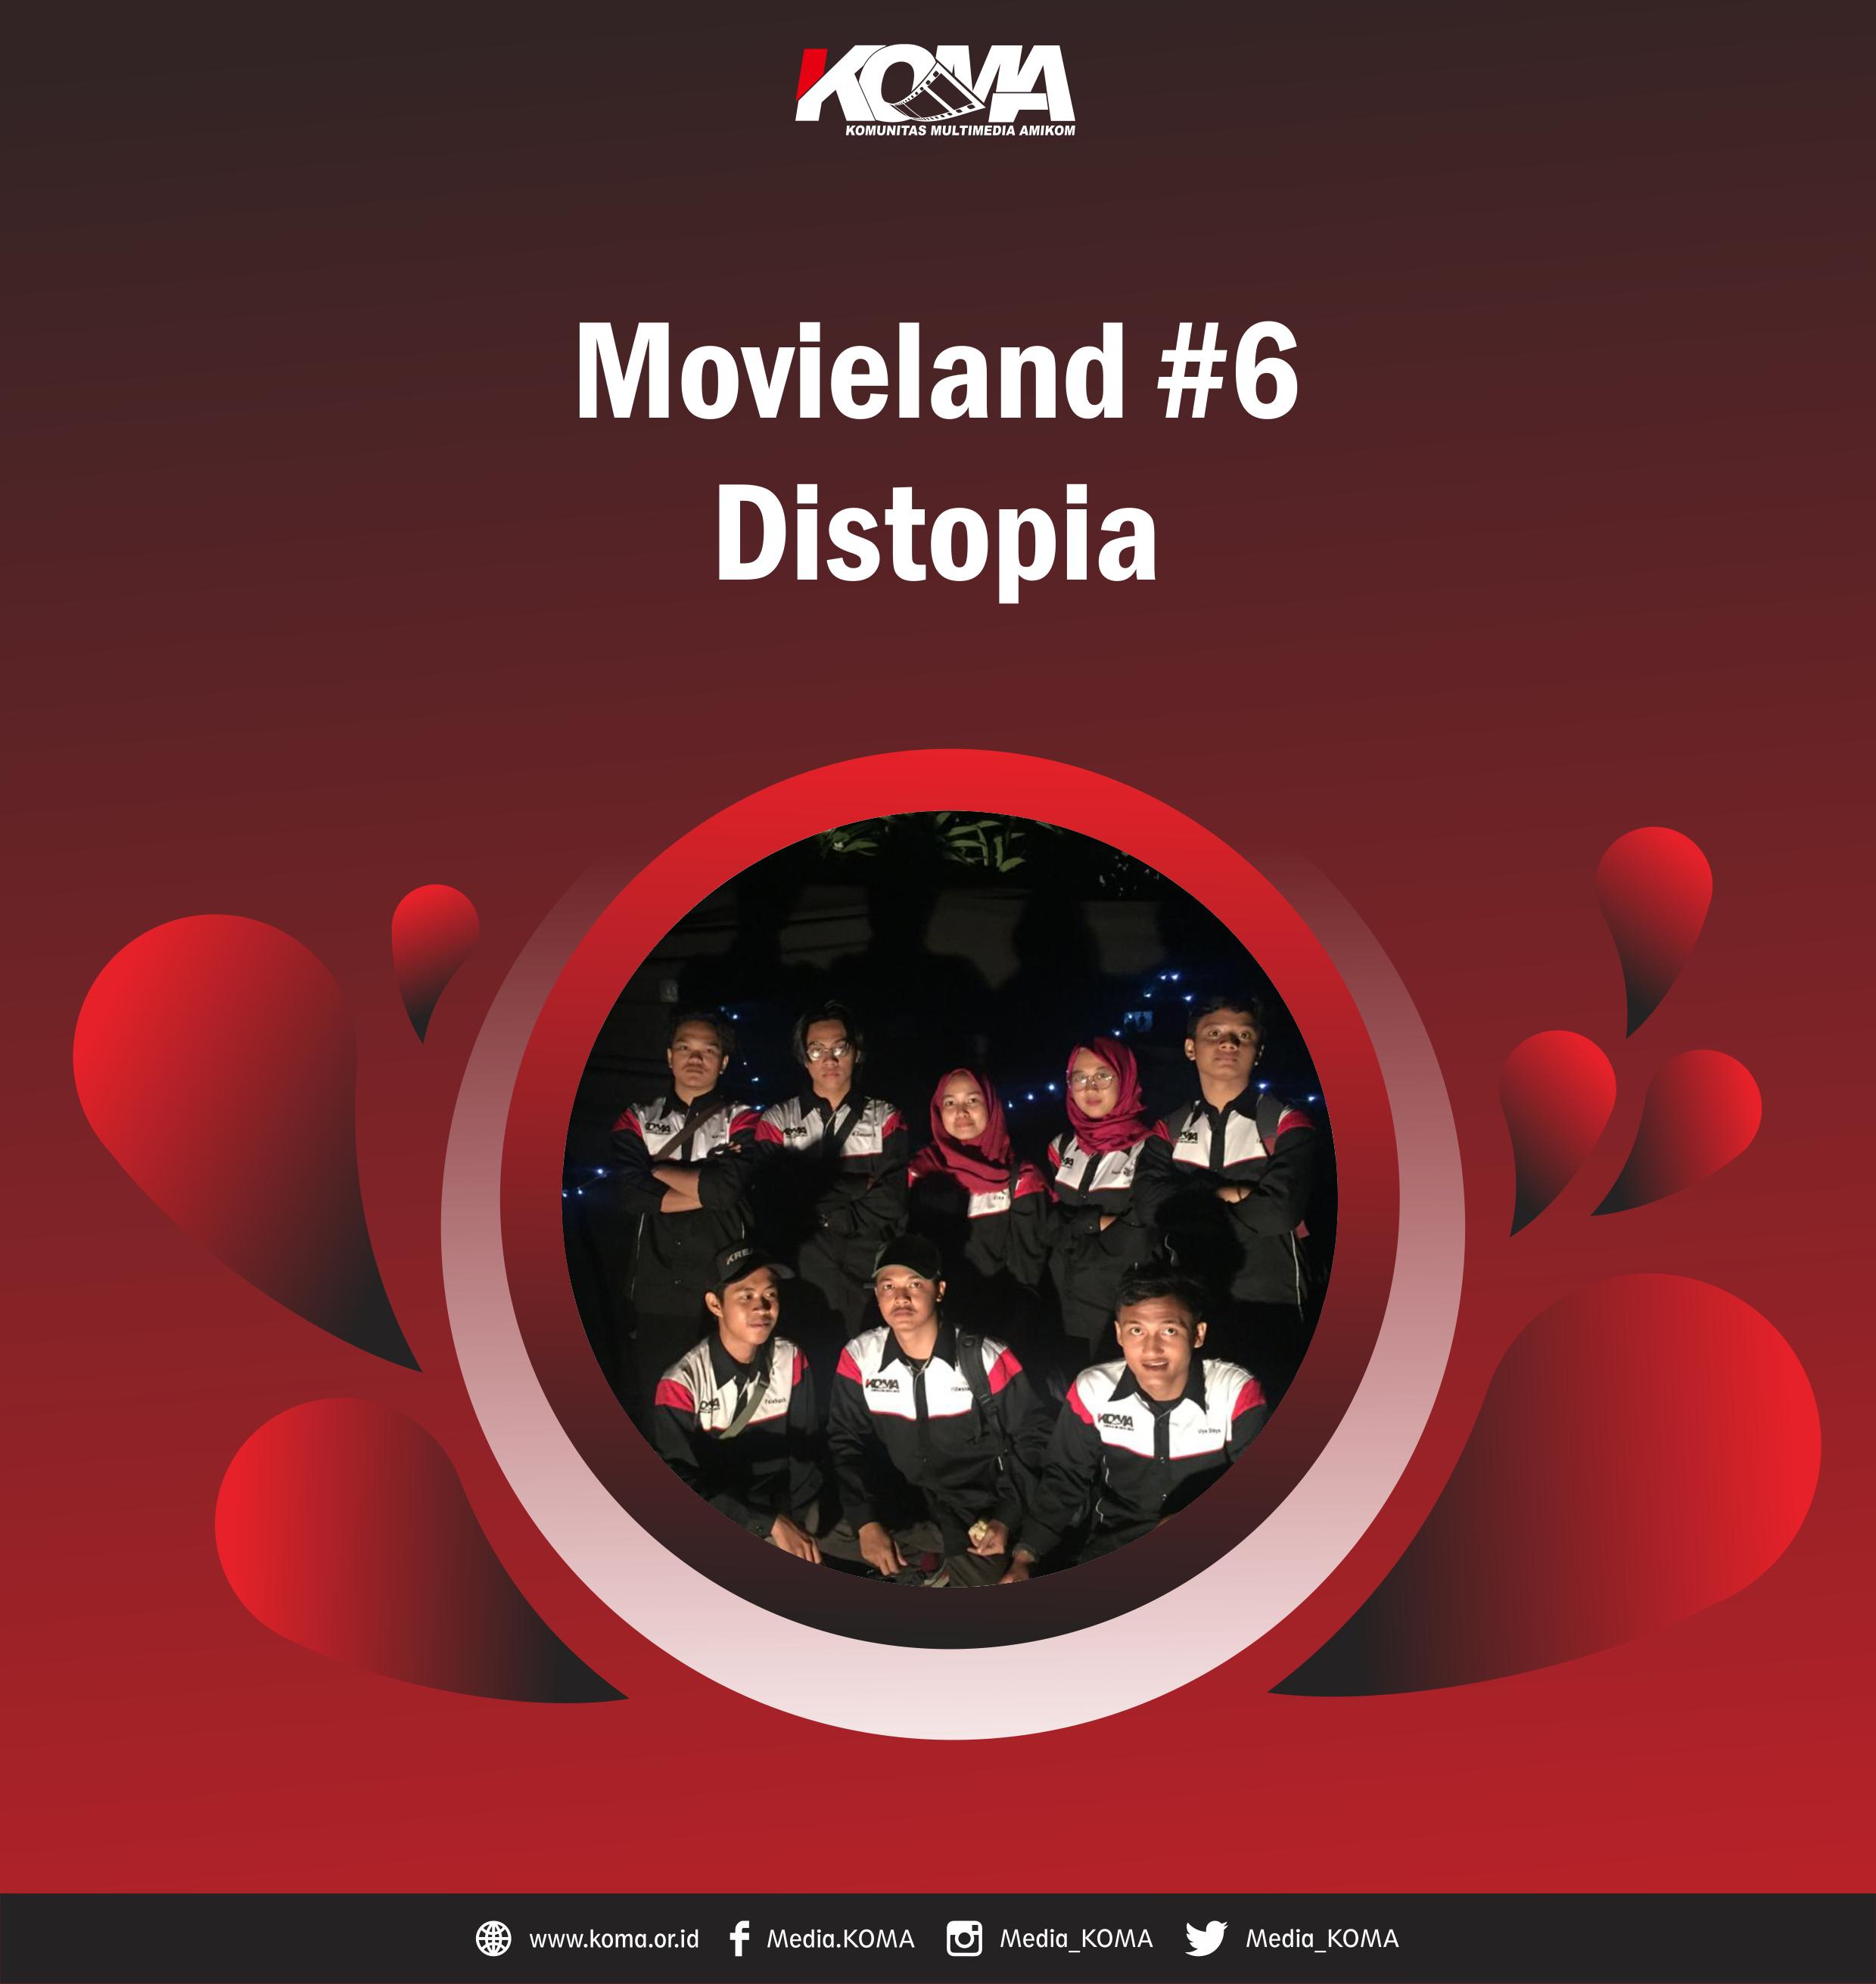 Movieland-6-Distopia